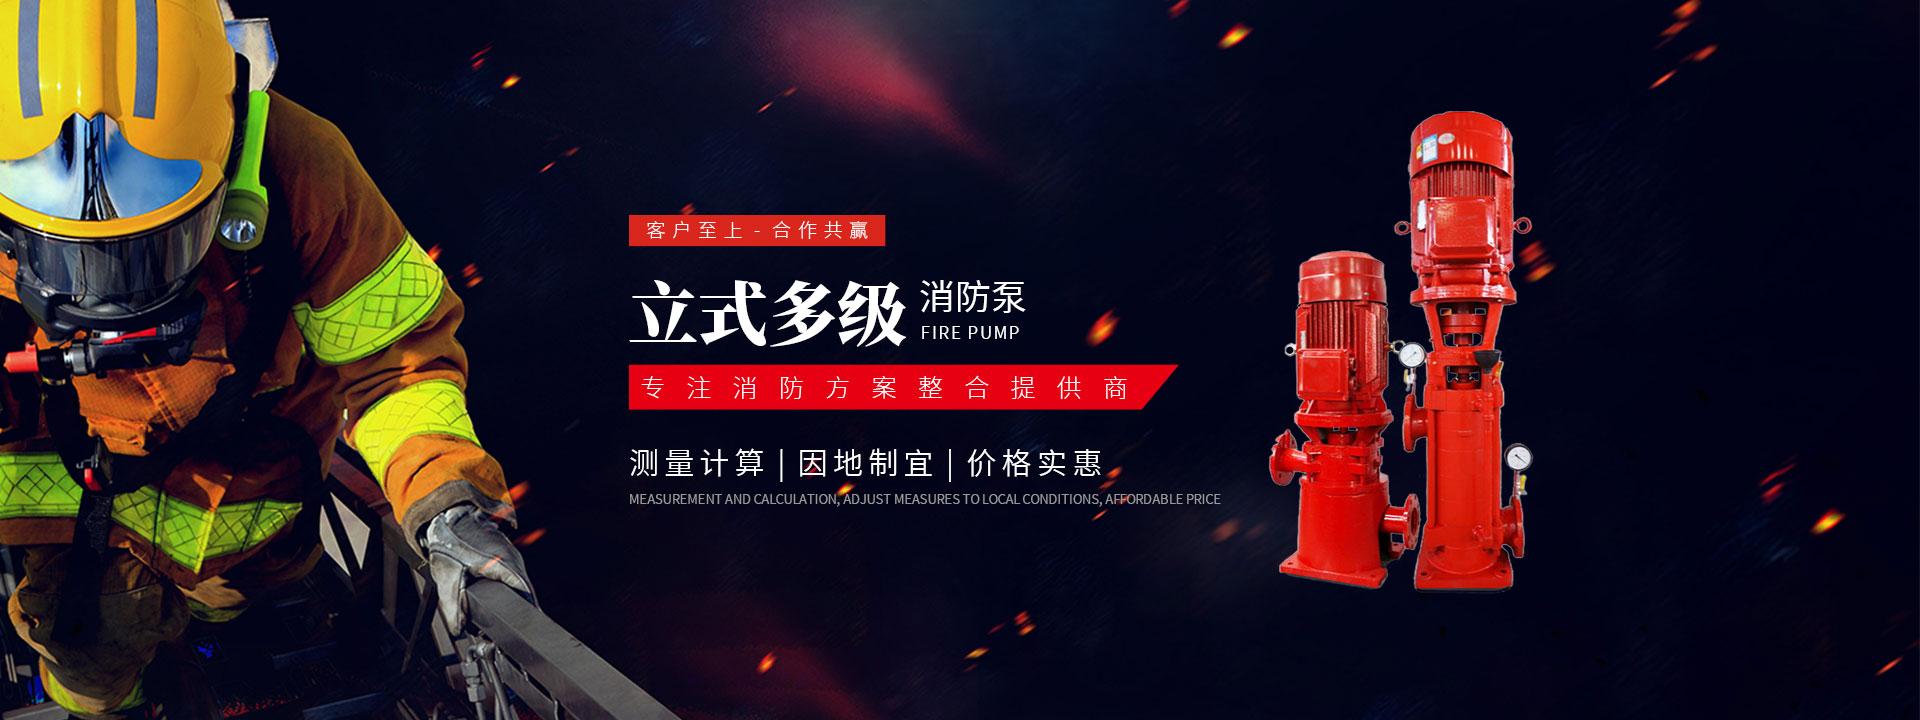 宁夏消防排烟